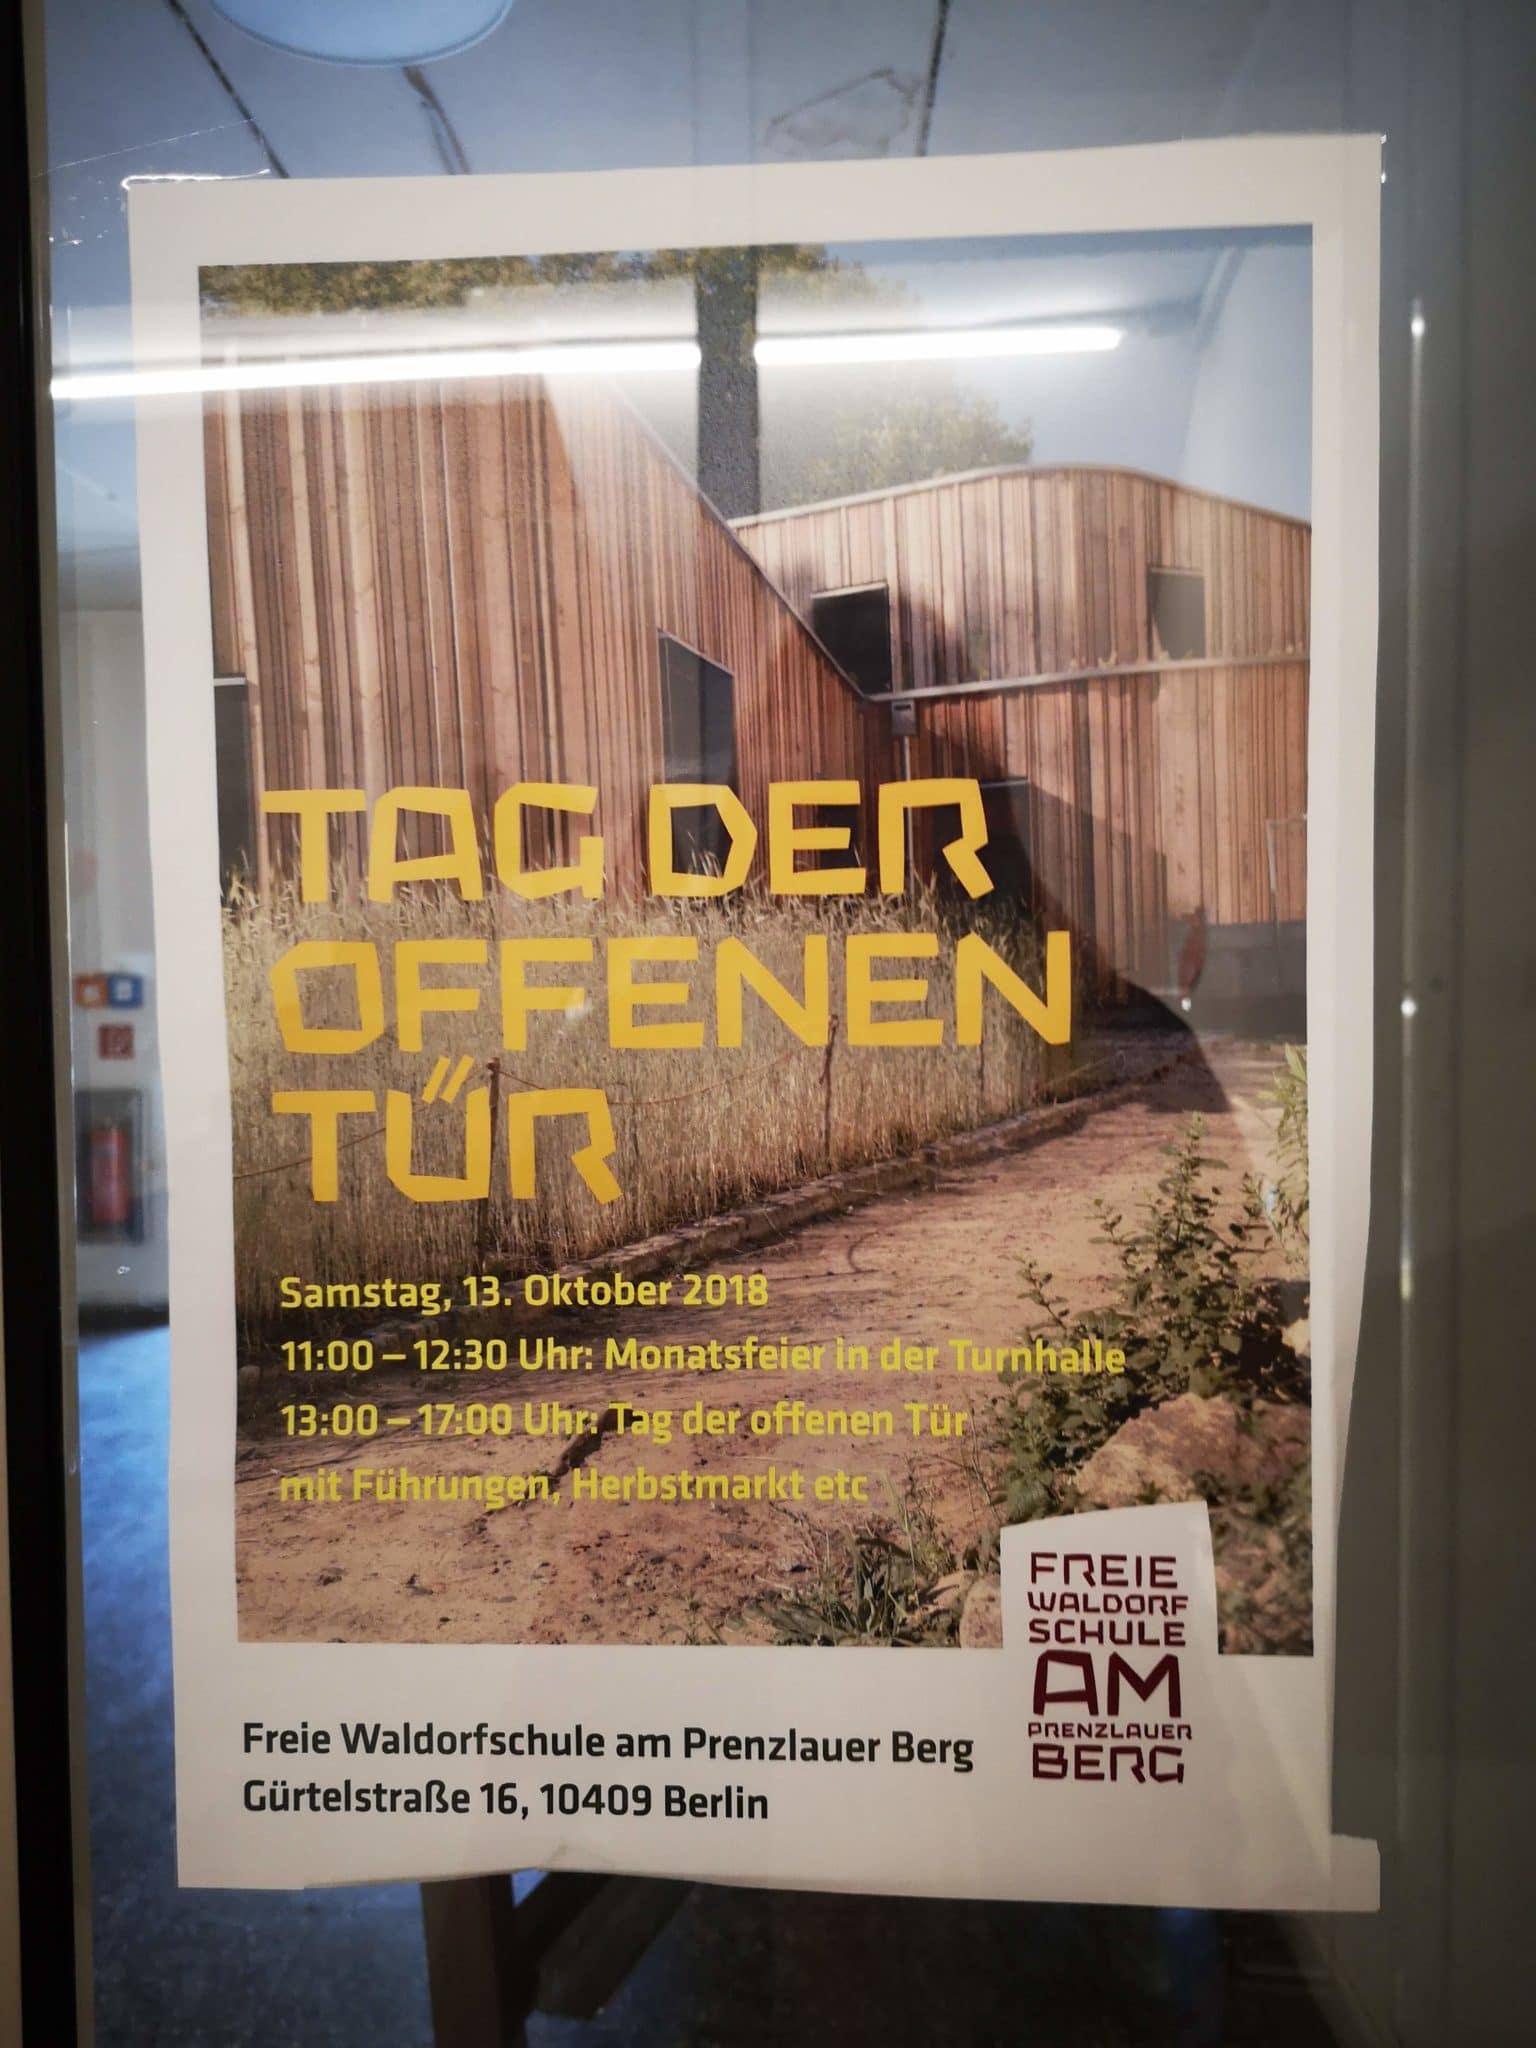 Waldorfschulenschule_Besuch_grossekoepfe.de